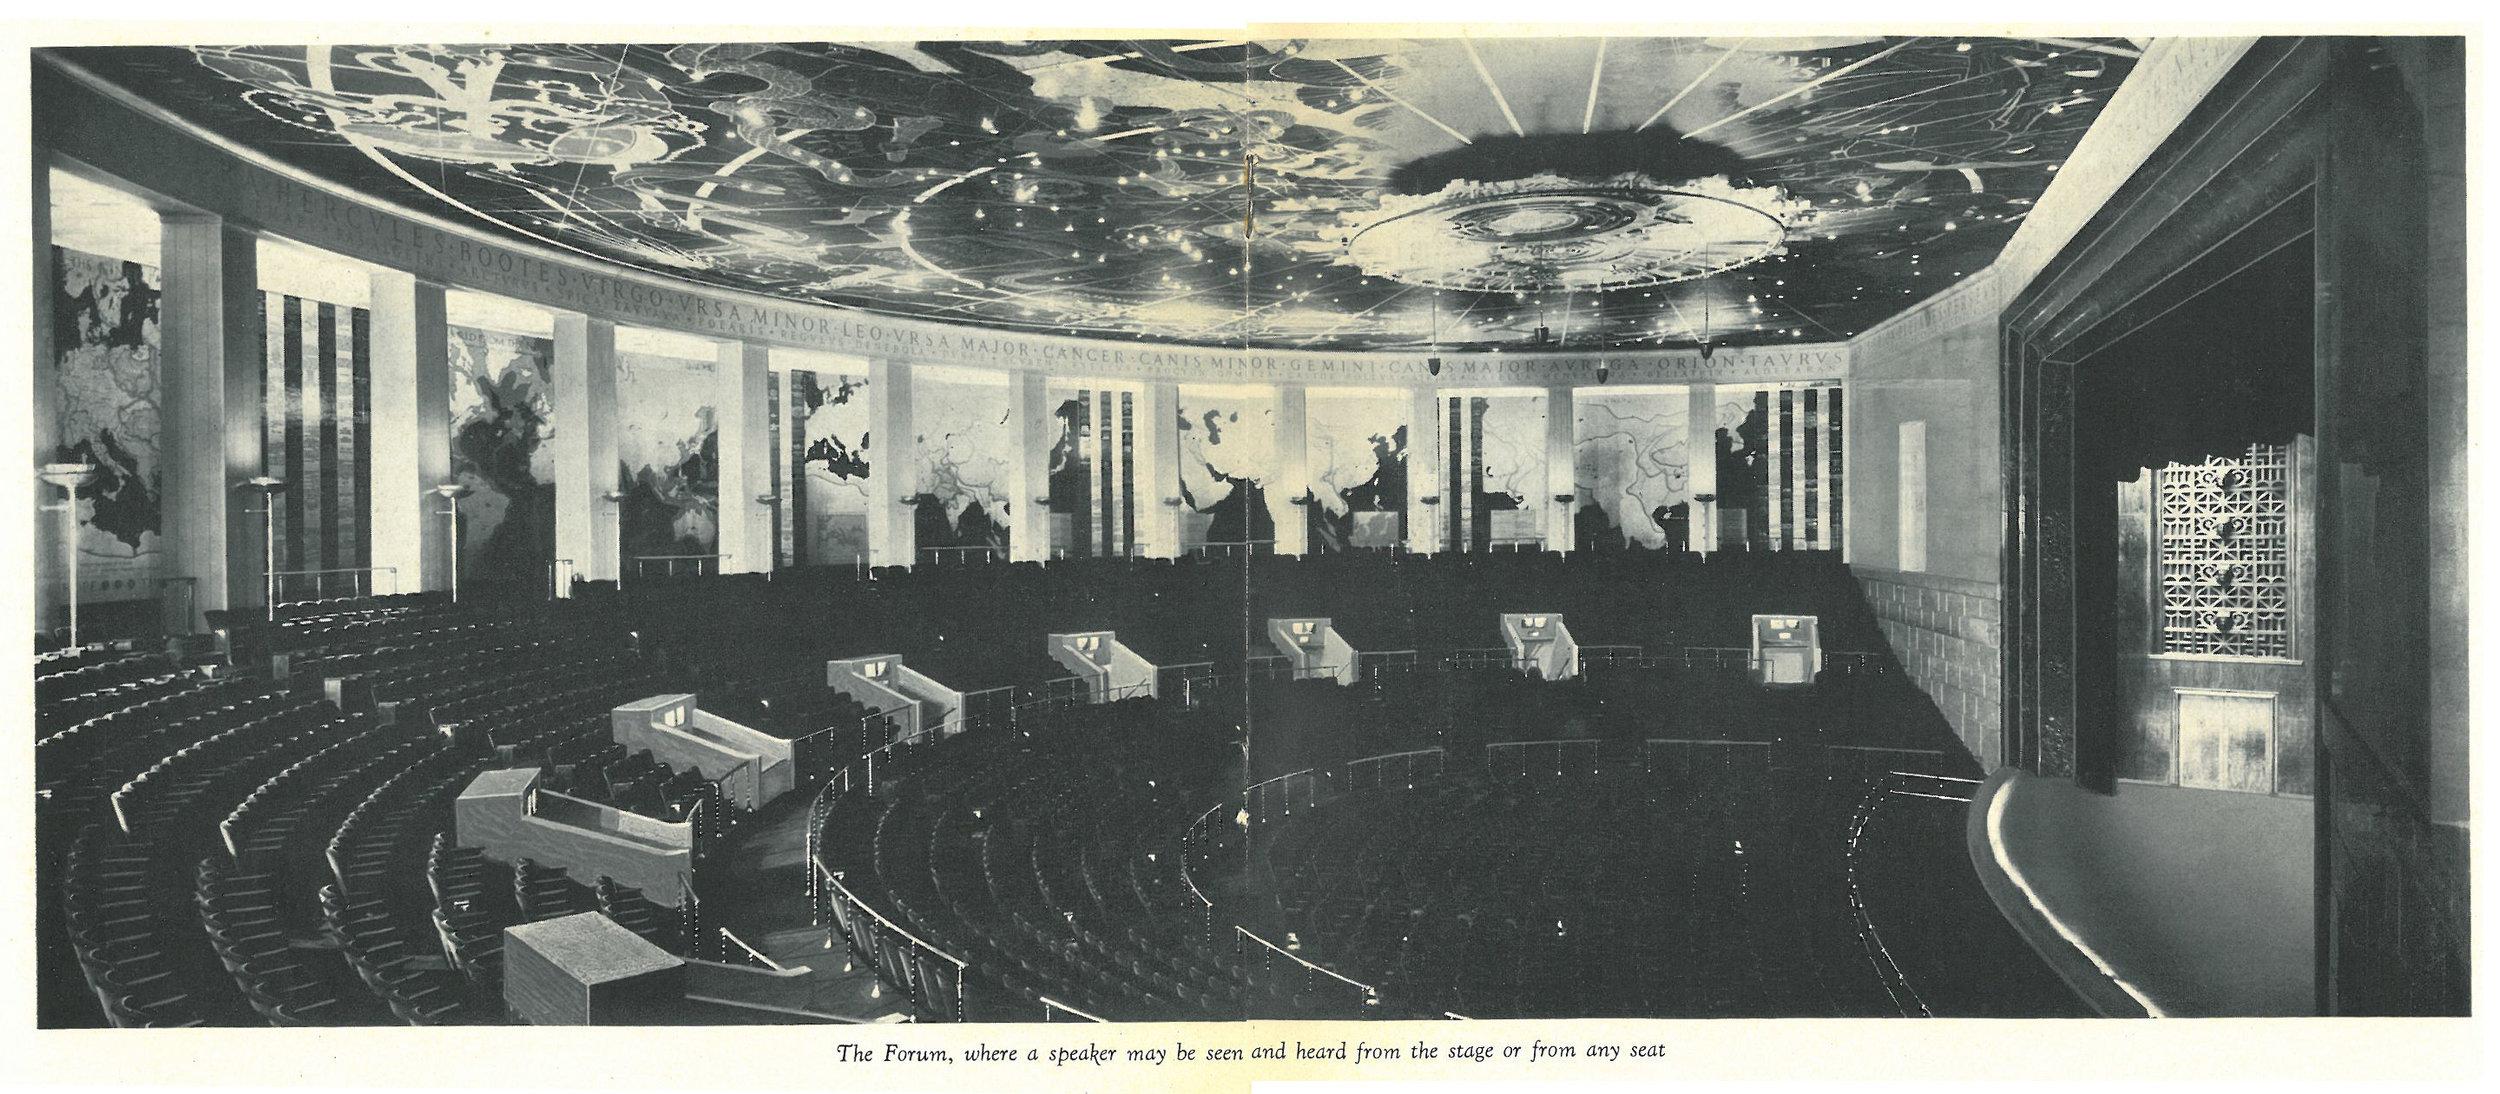 03 Forum Auditorium Interior from 1932 Booklet.jpg